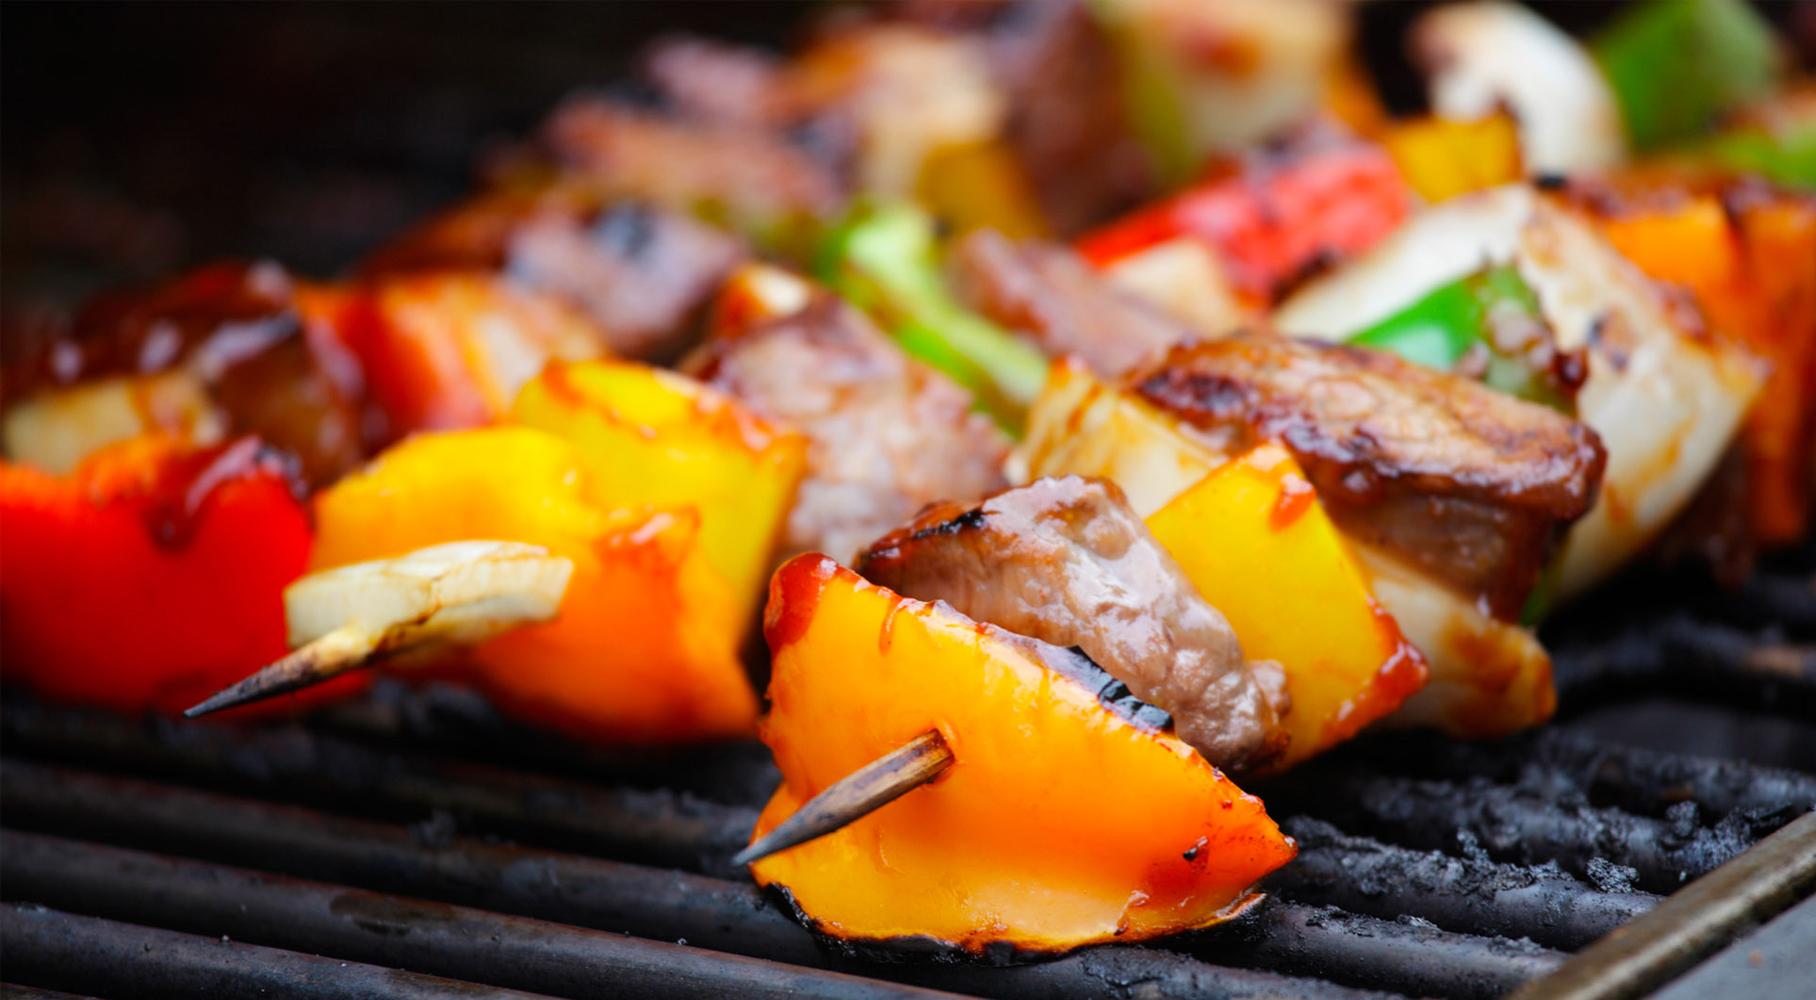 Come pulire il barbecue dopo la grigliata